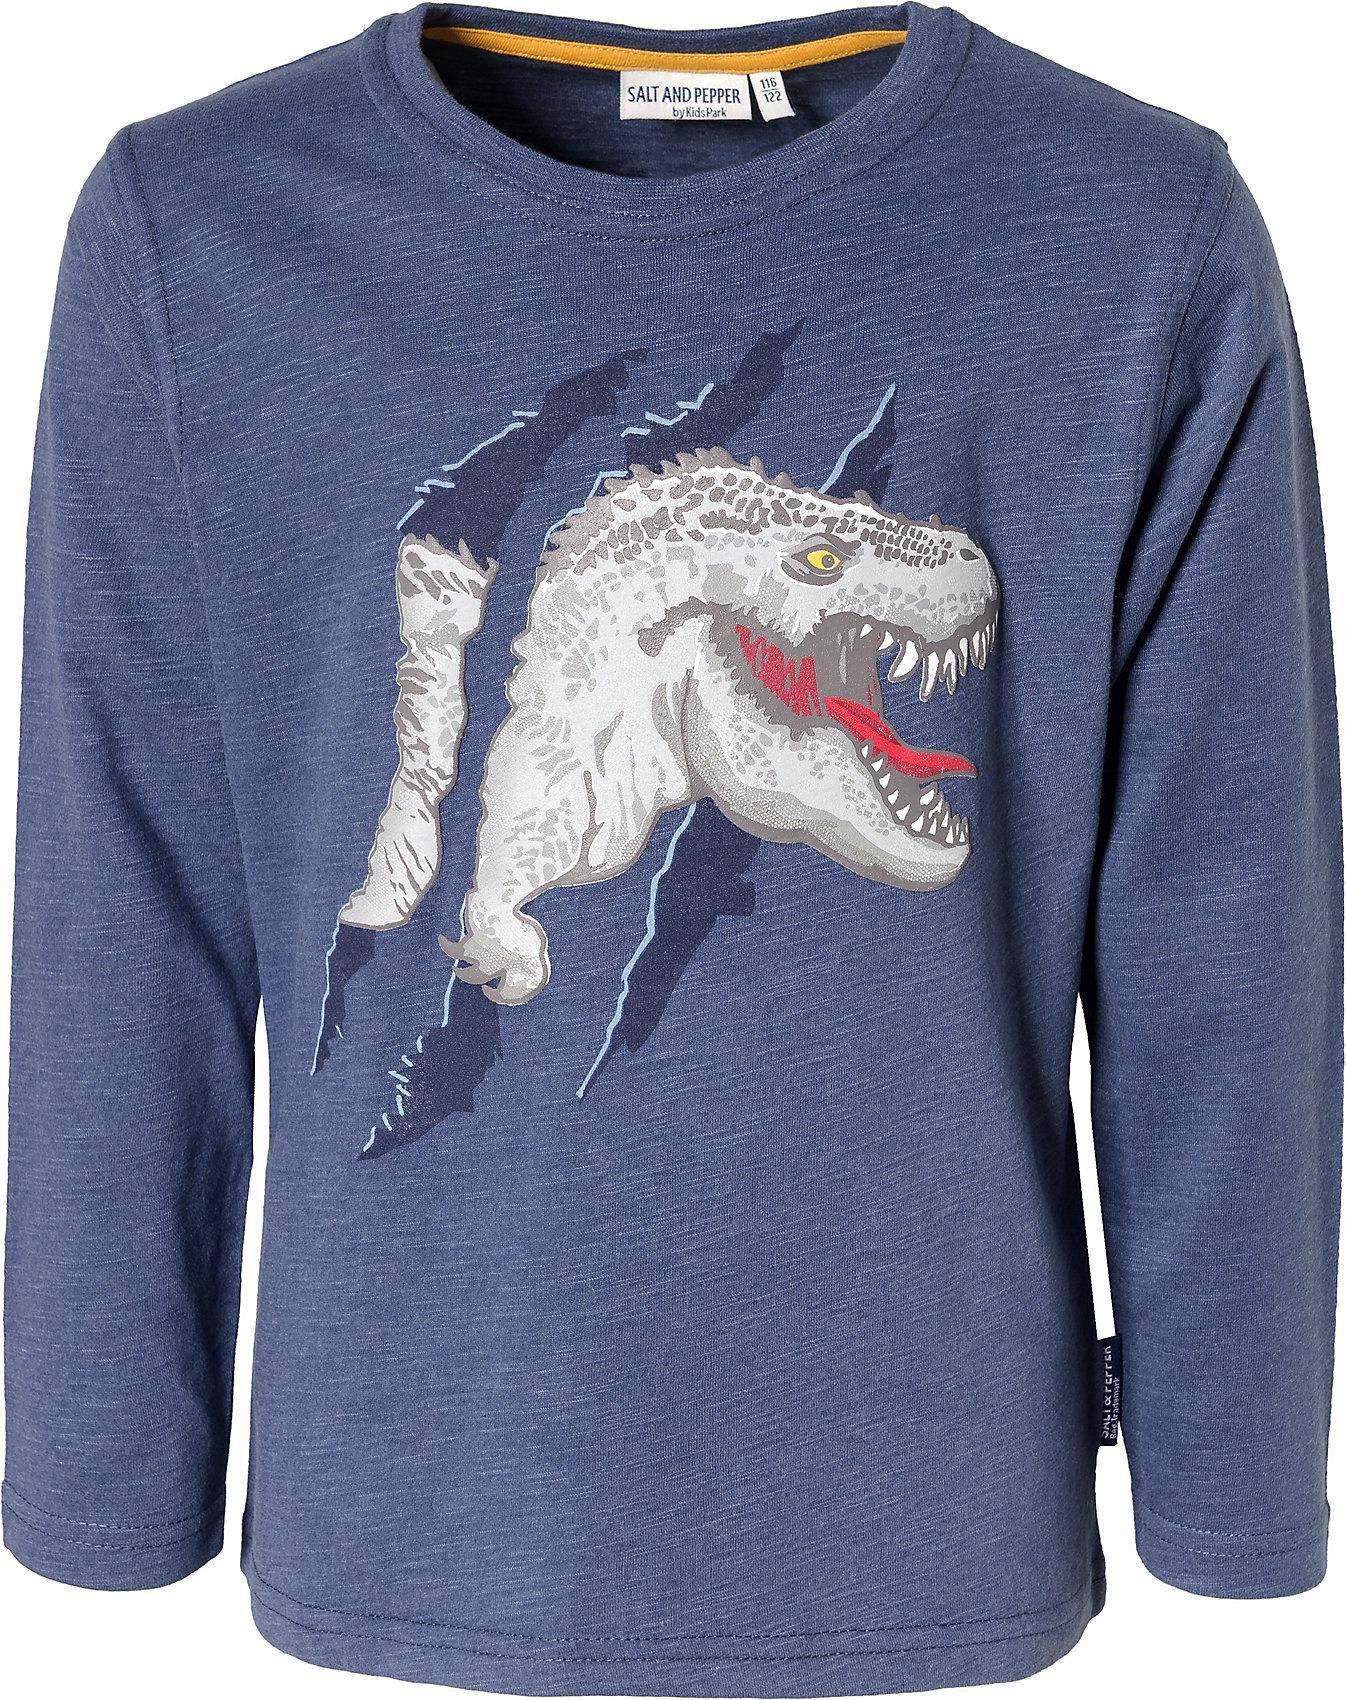 Neu Salt and Pepper Langarmshirt für Jungen Dinosaurier 11277156 für Jungen